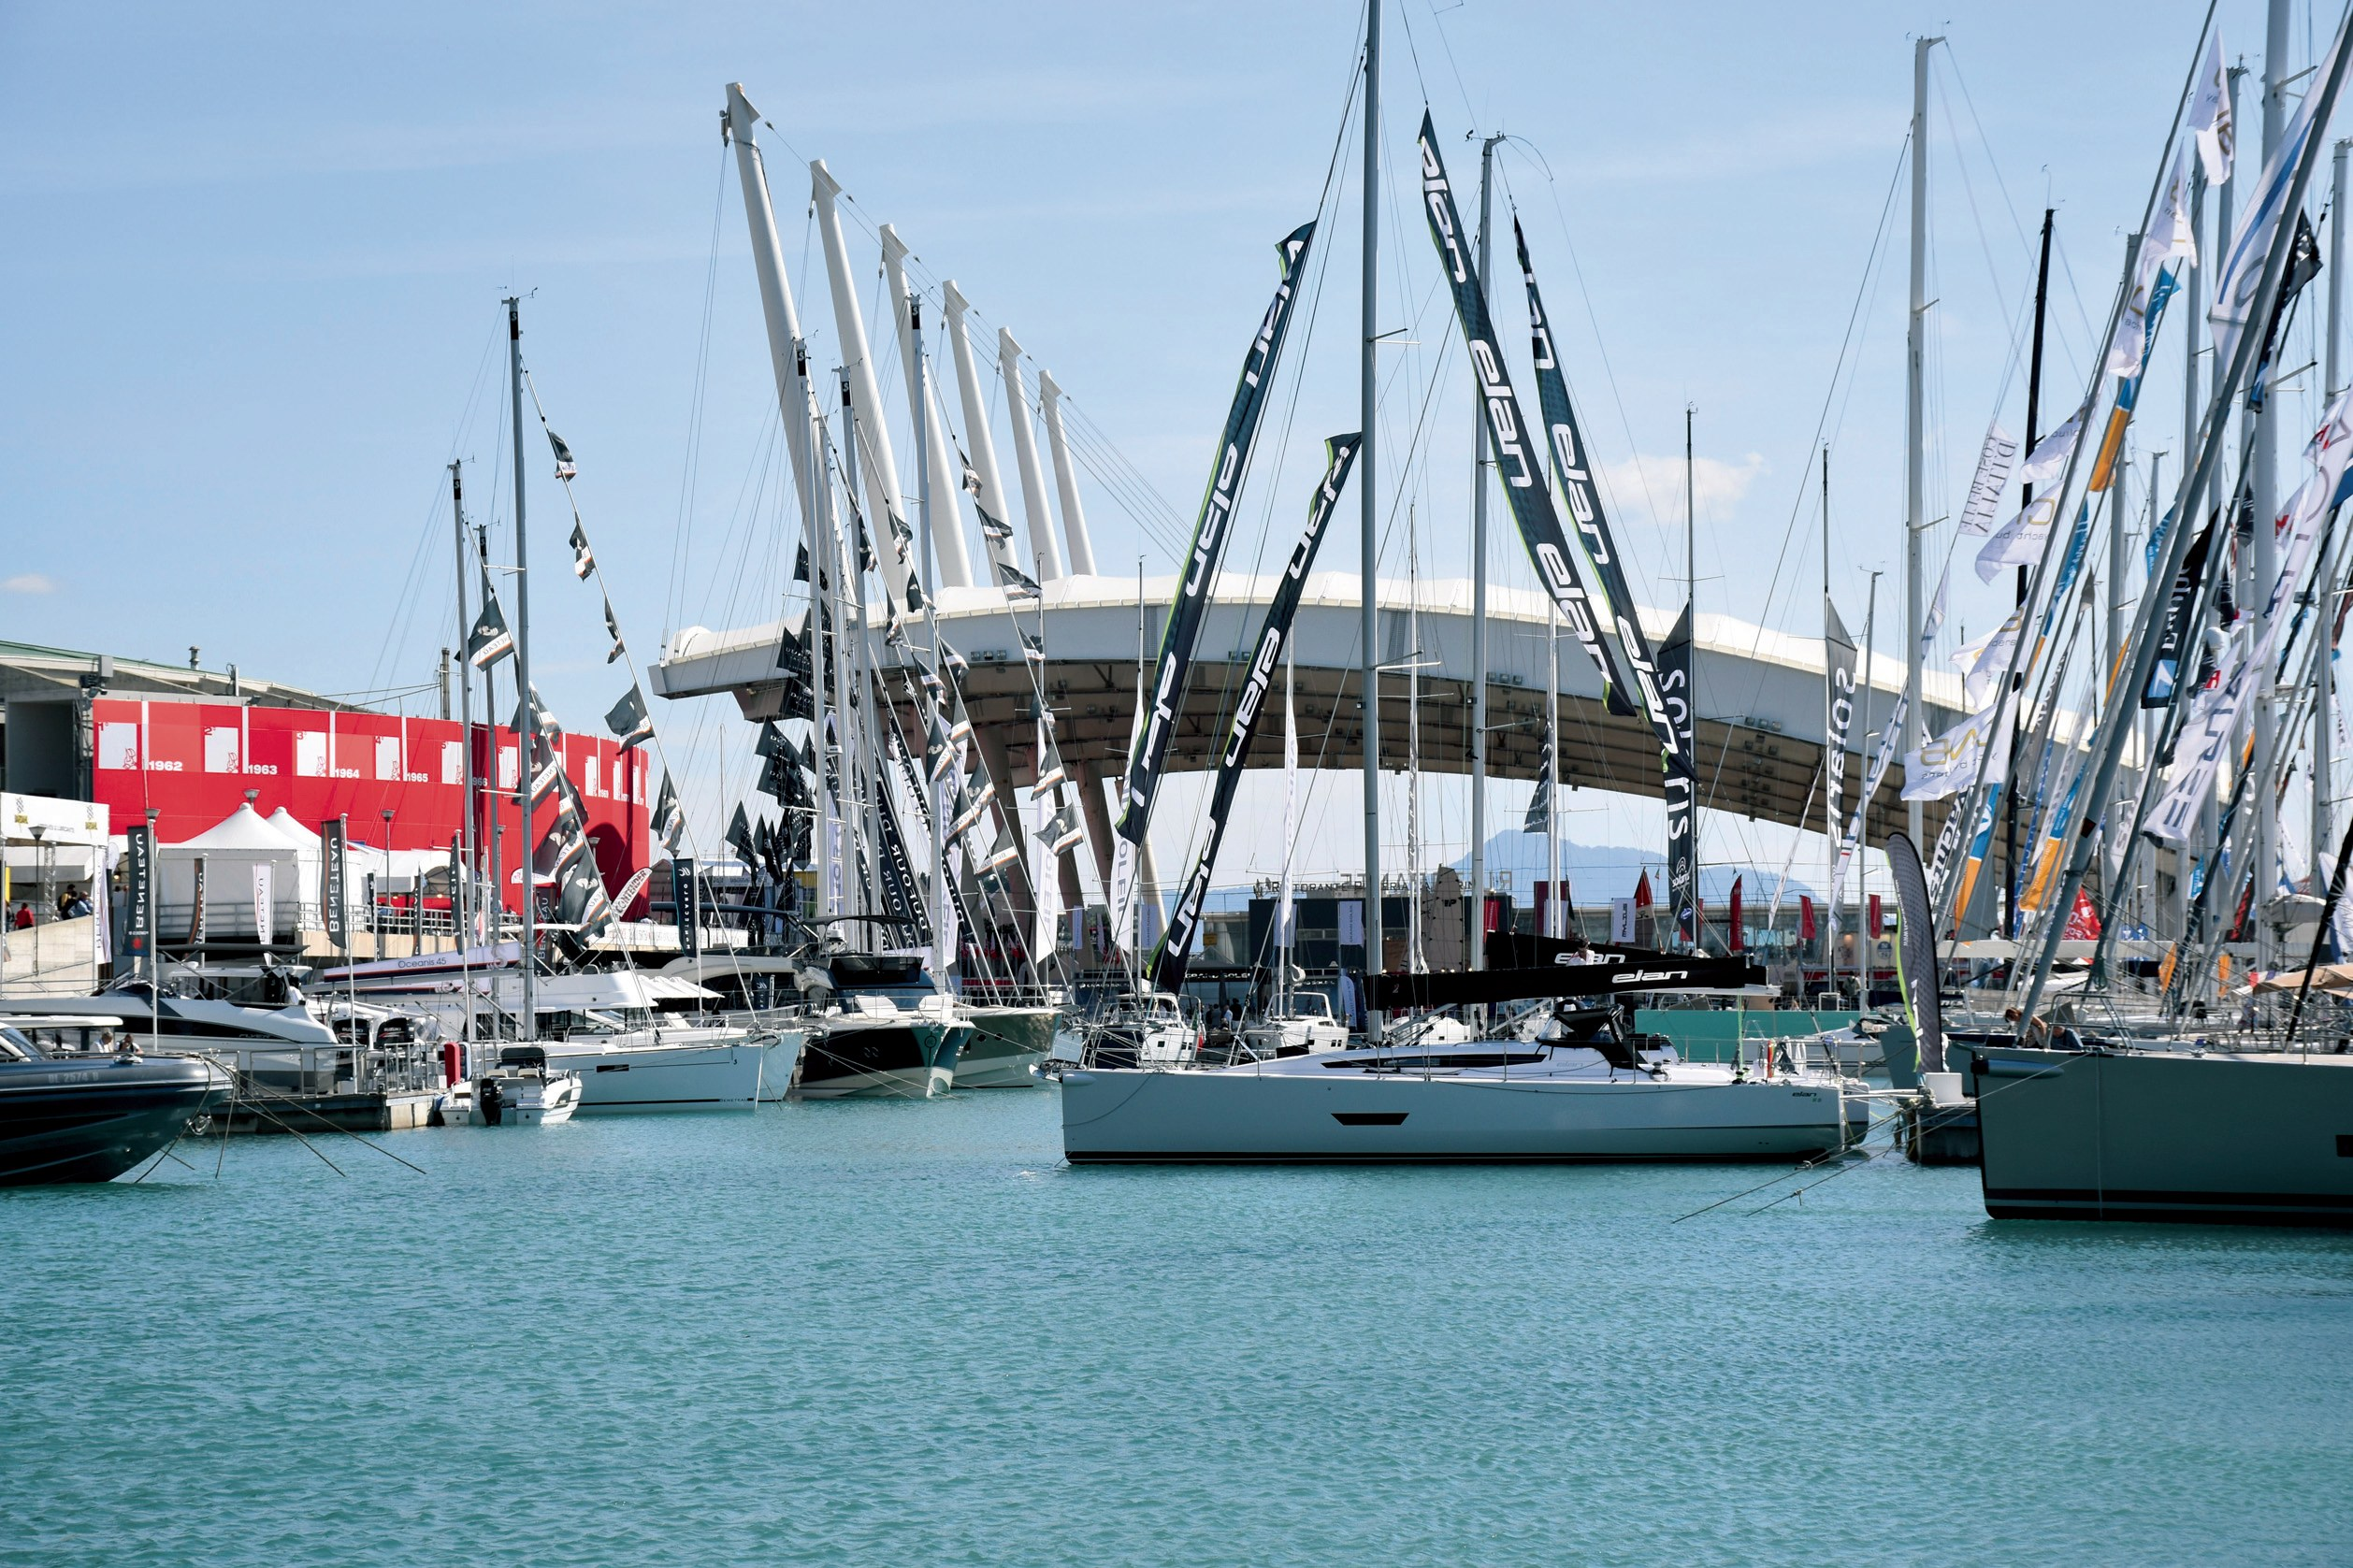 Genova Boat Show 2015 - kompletno izvješće